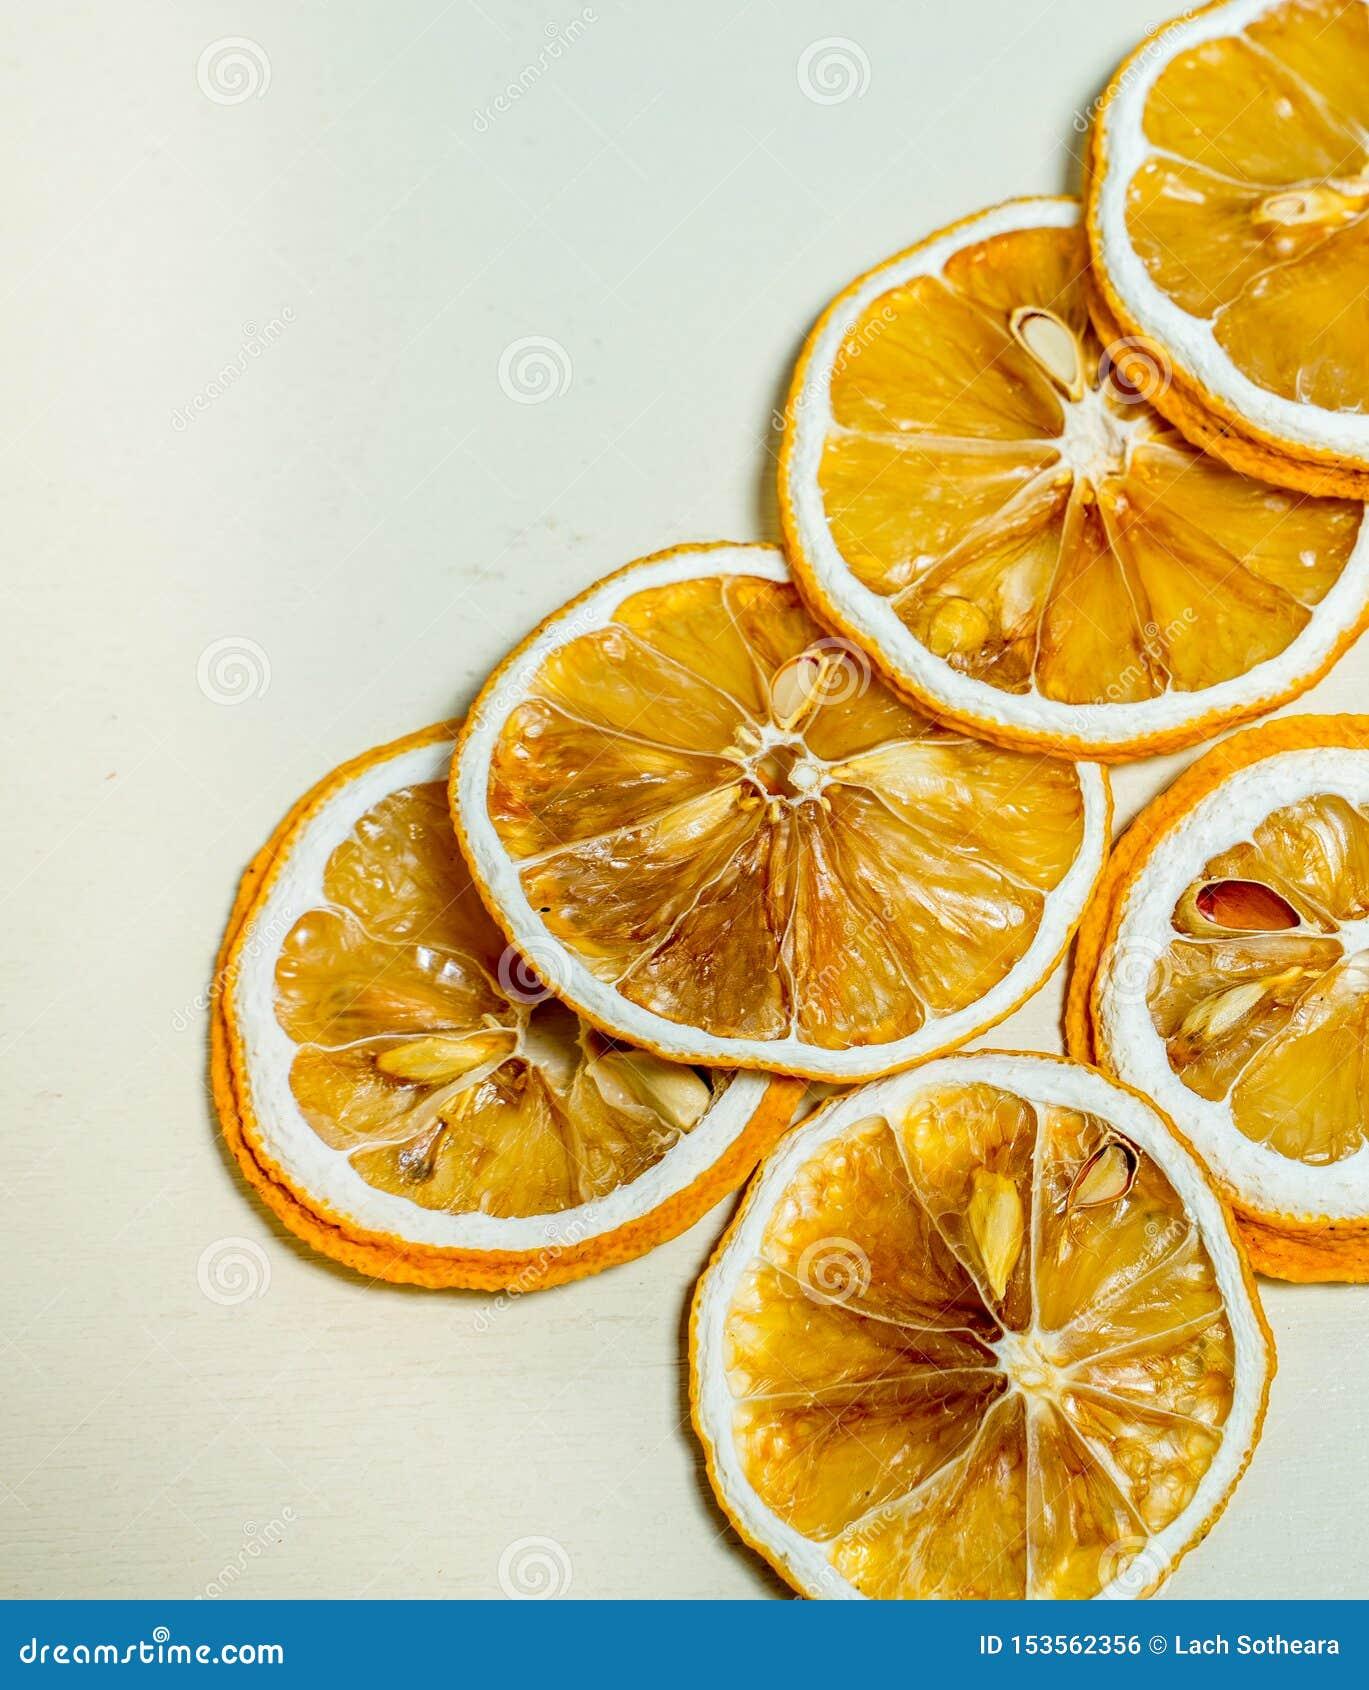 Fetta secca del lemnon impilata insieme a fondo bianco Fetta secca del limone con i semi secchi dentro impilato